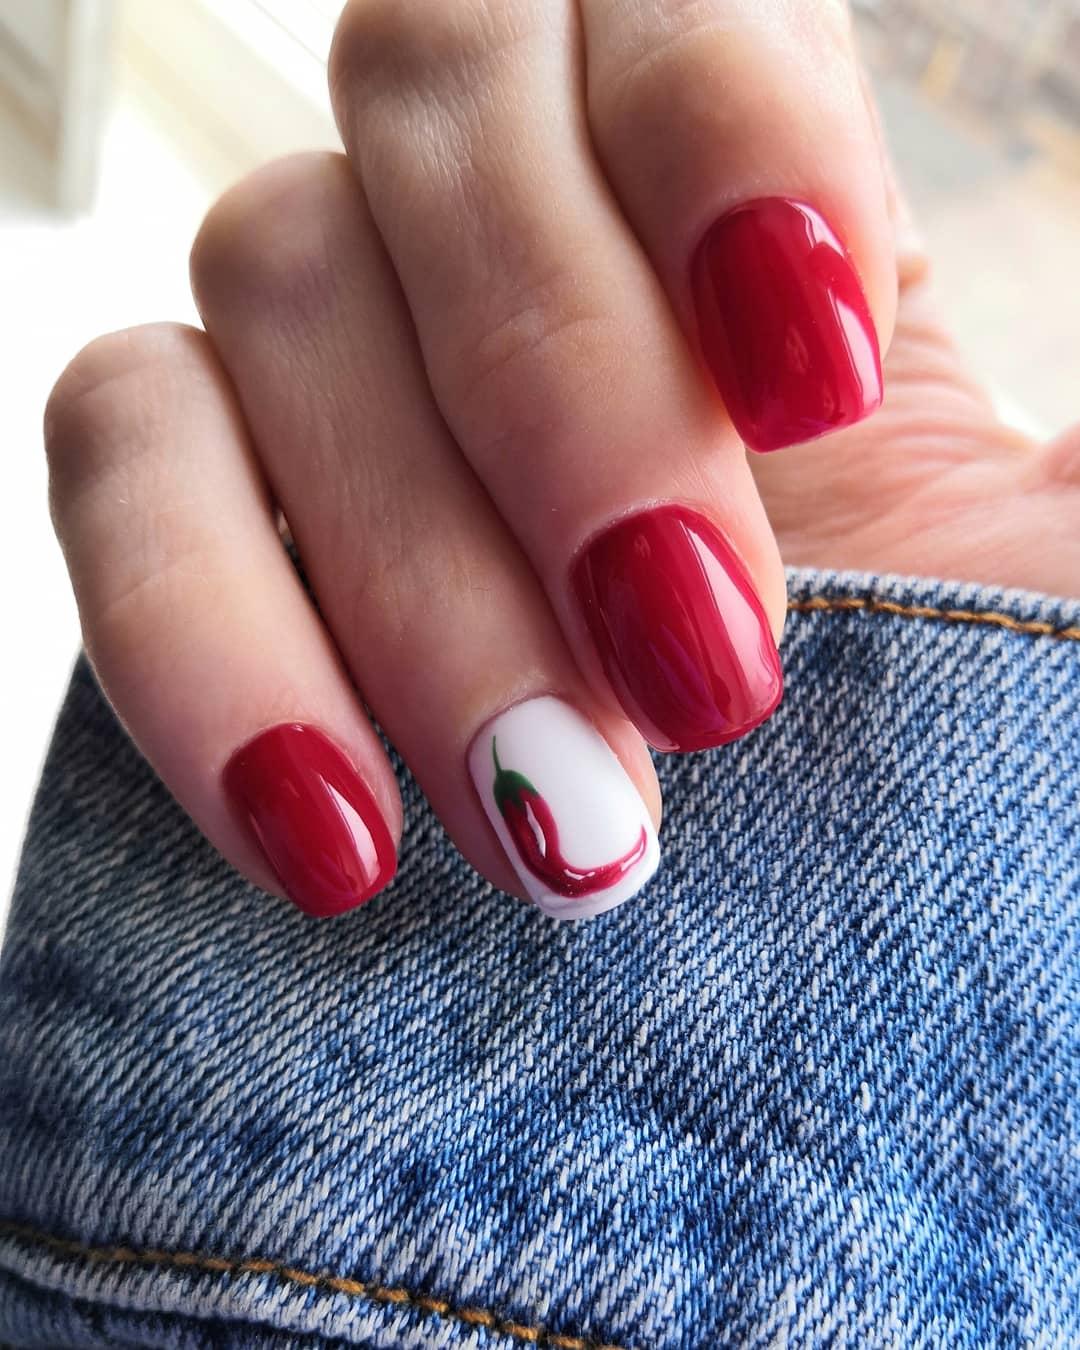 Маникюр с перцем чили в красном цвете  на короткие ногти.